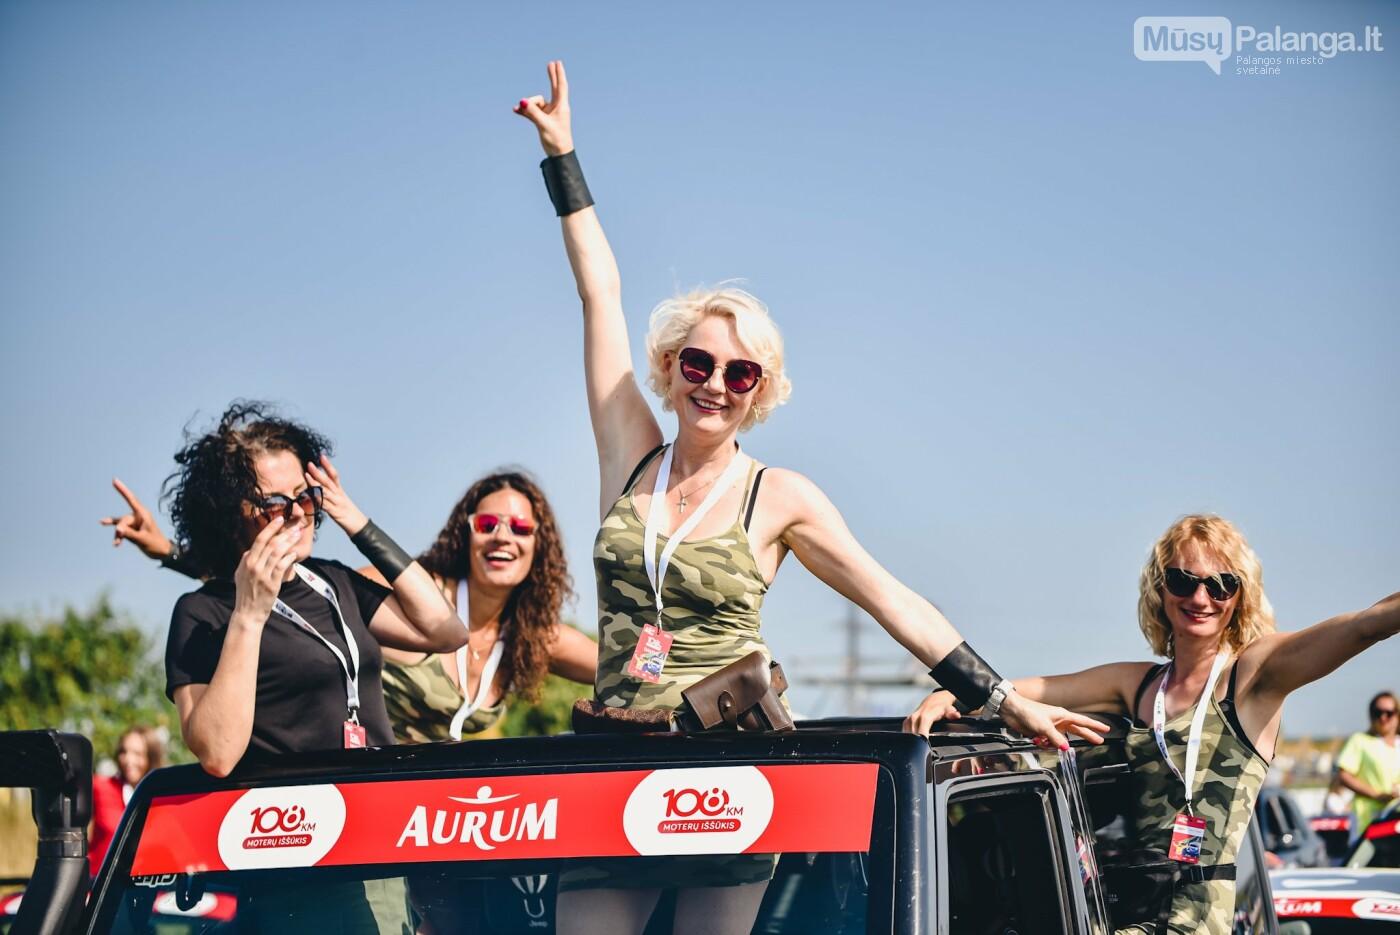 Žiūrovus žavėjo kilometrinė moterų iššūkio dalyvių kolona, nuotrauka-6, Vytauto PILKAUSKO ir Arno STRUMILOS nuotraukos